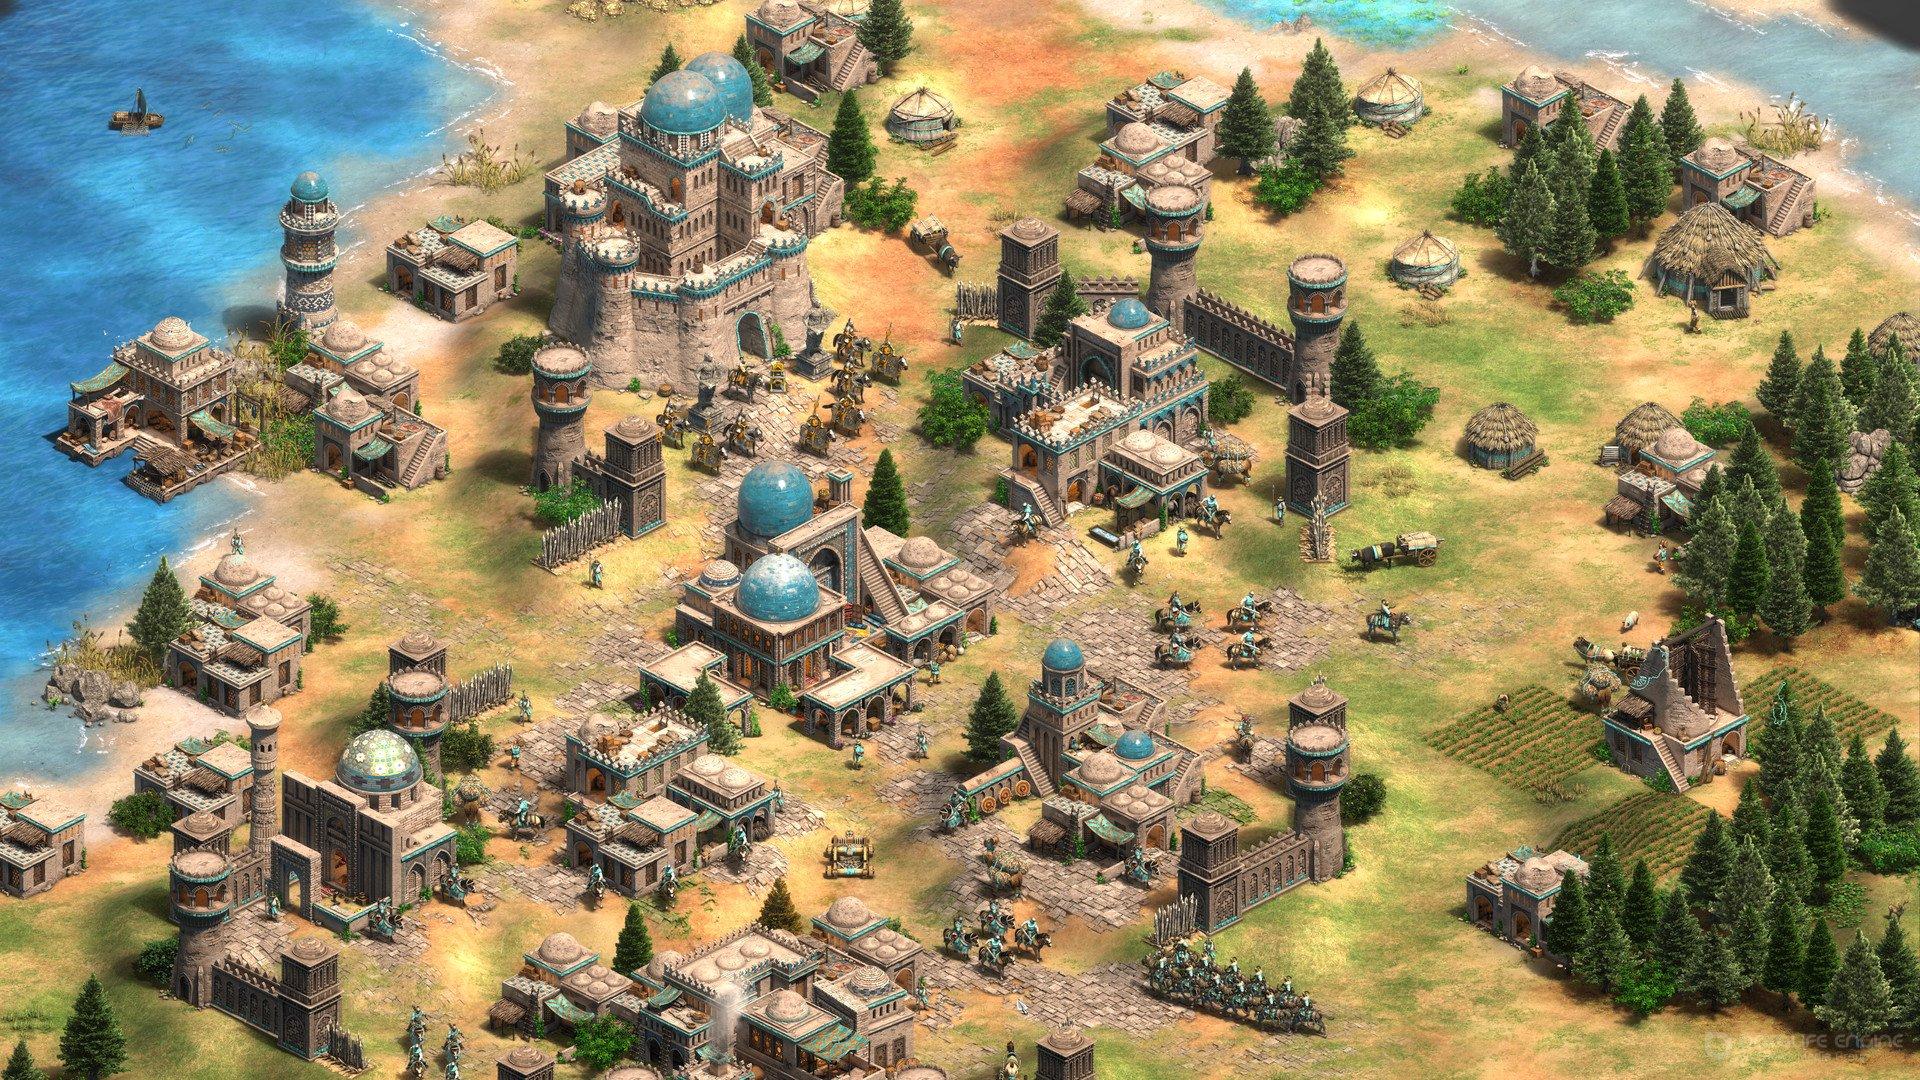 Скриншот к игре Age of Empires II: Definitive Edition [Build 51737 ] (2019) скачать торрент RePack